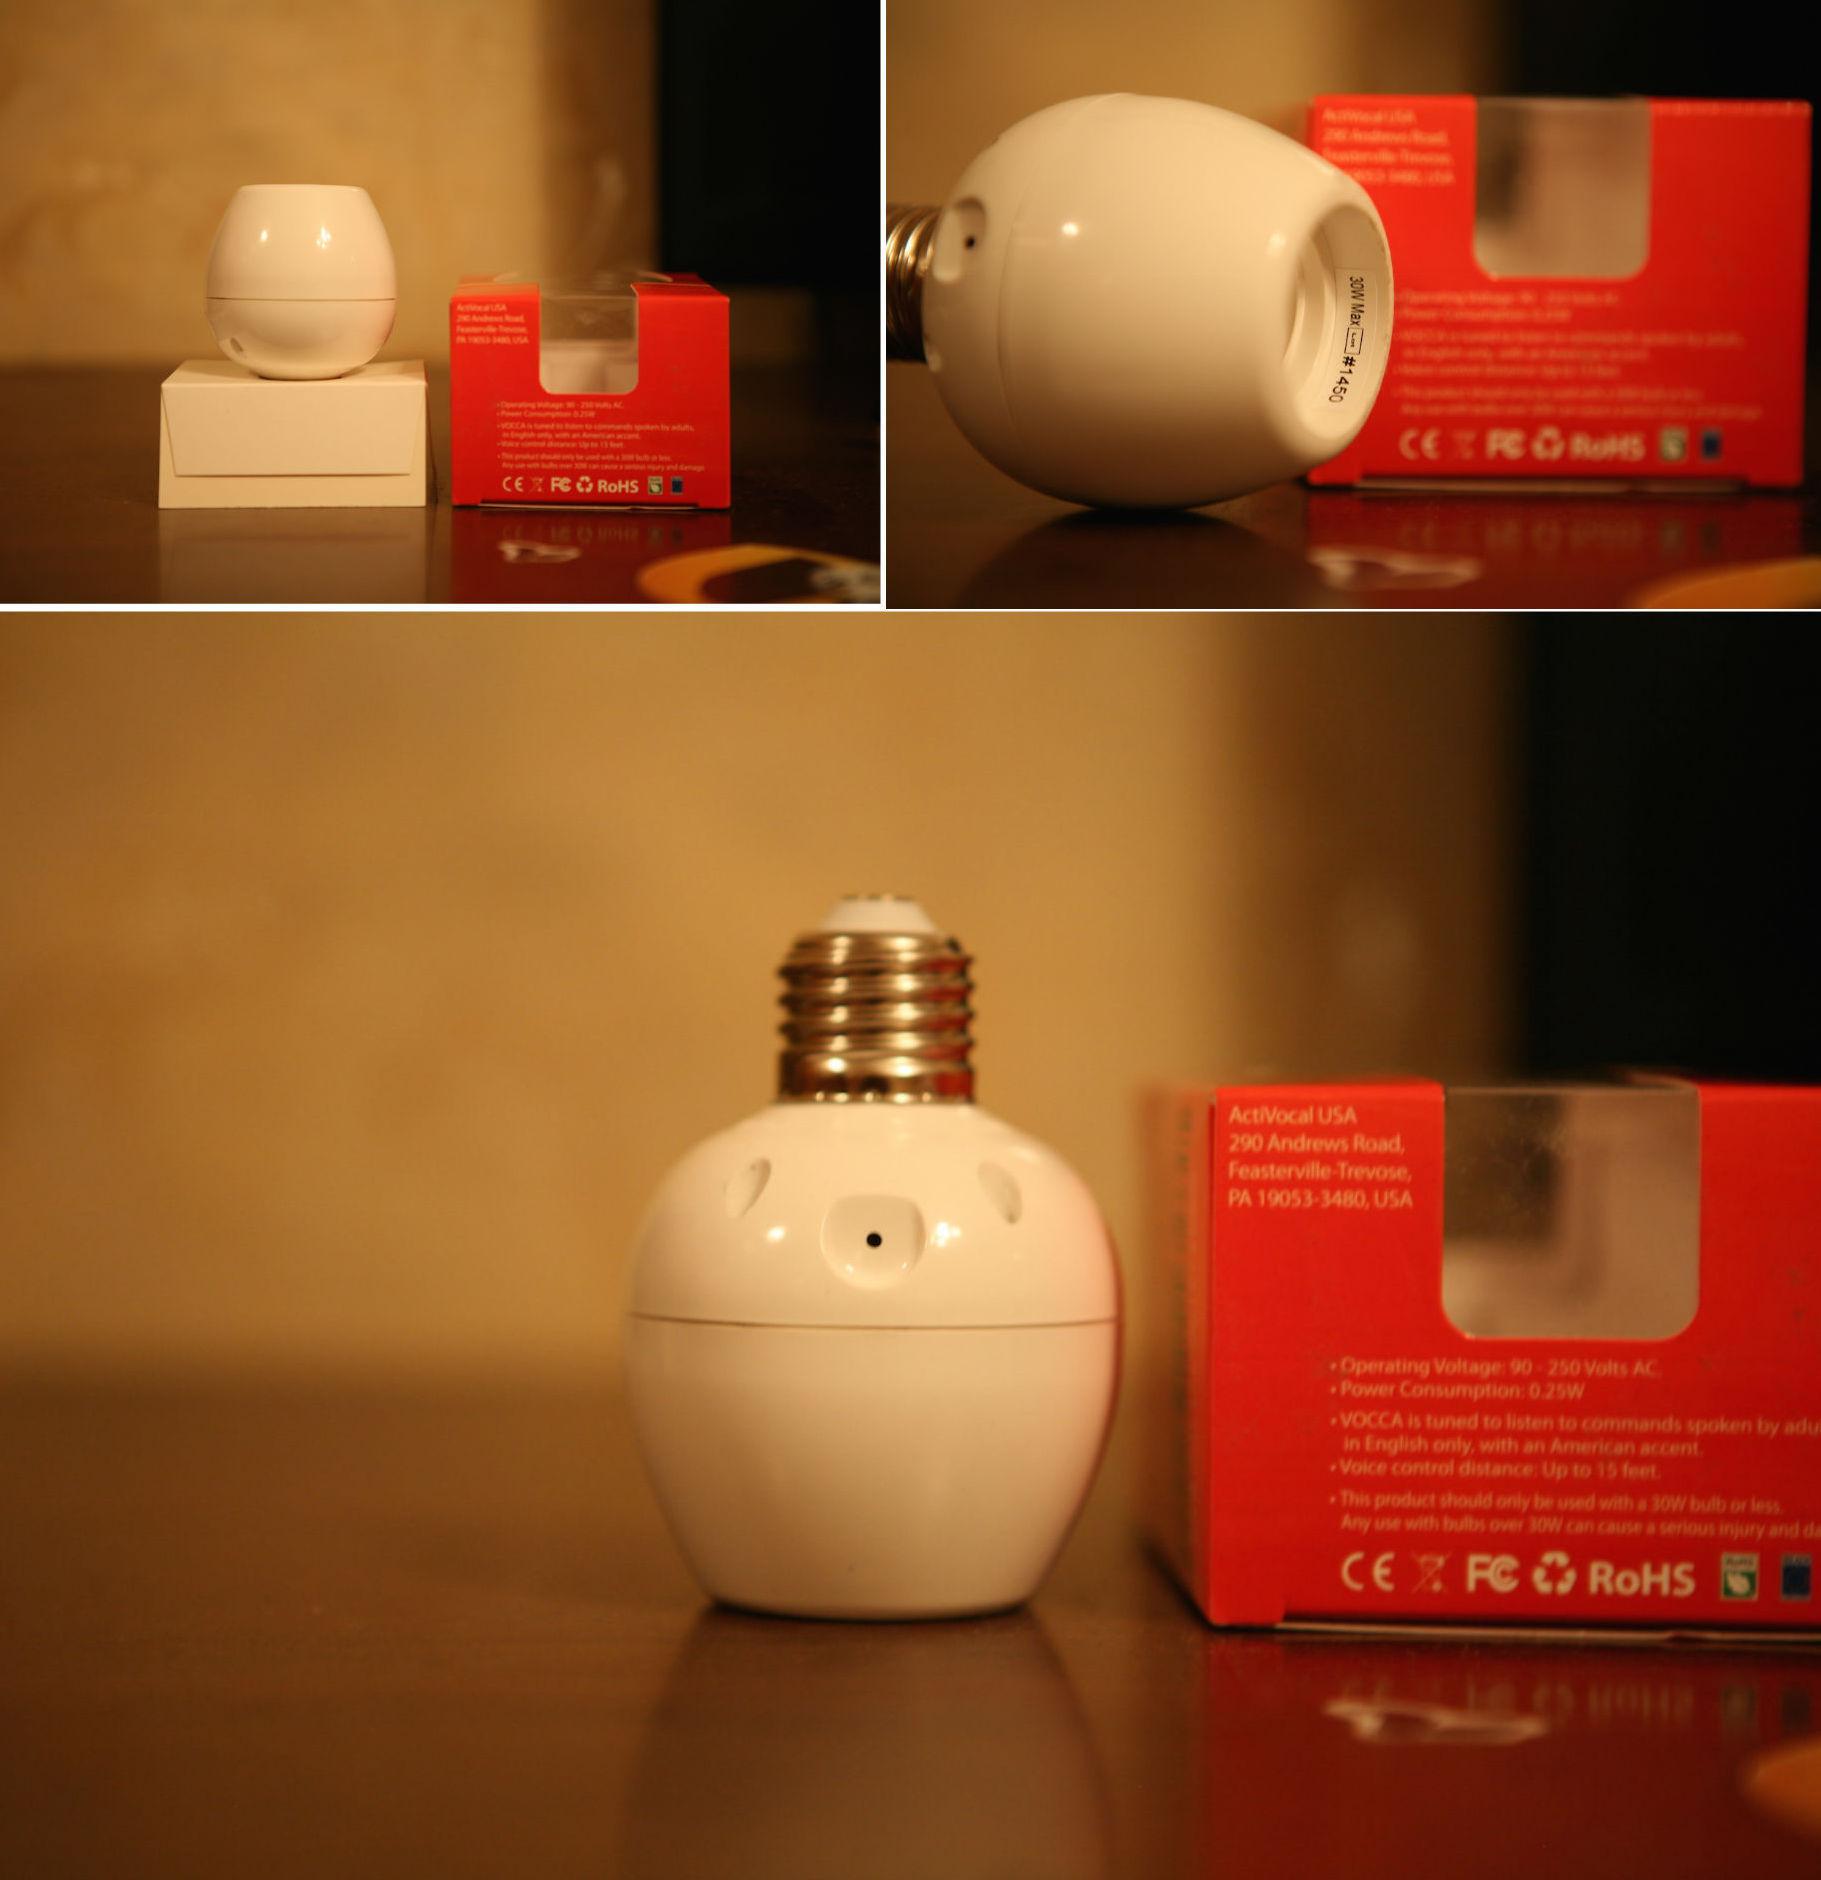 Почти весь умный дом: большая подборка отдельных смарт-элементов: лампы, розетки, климат, экология и безопасность - 32